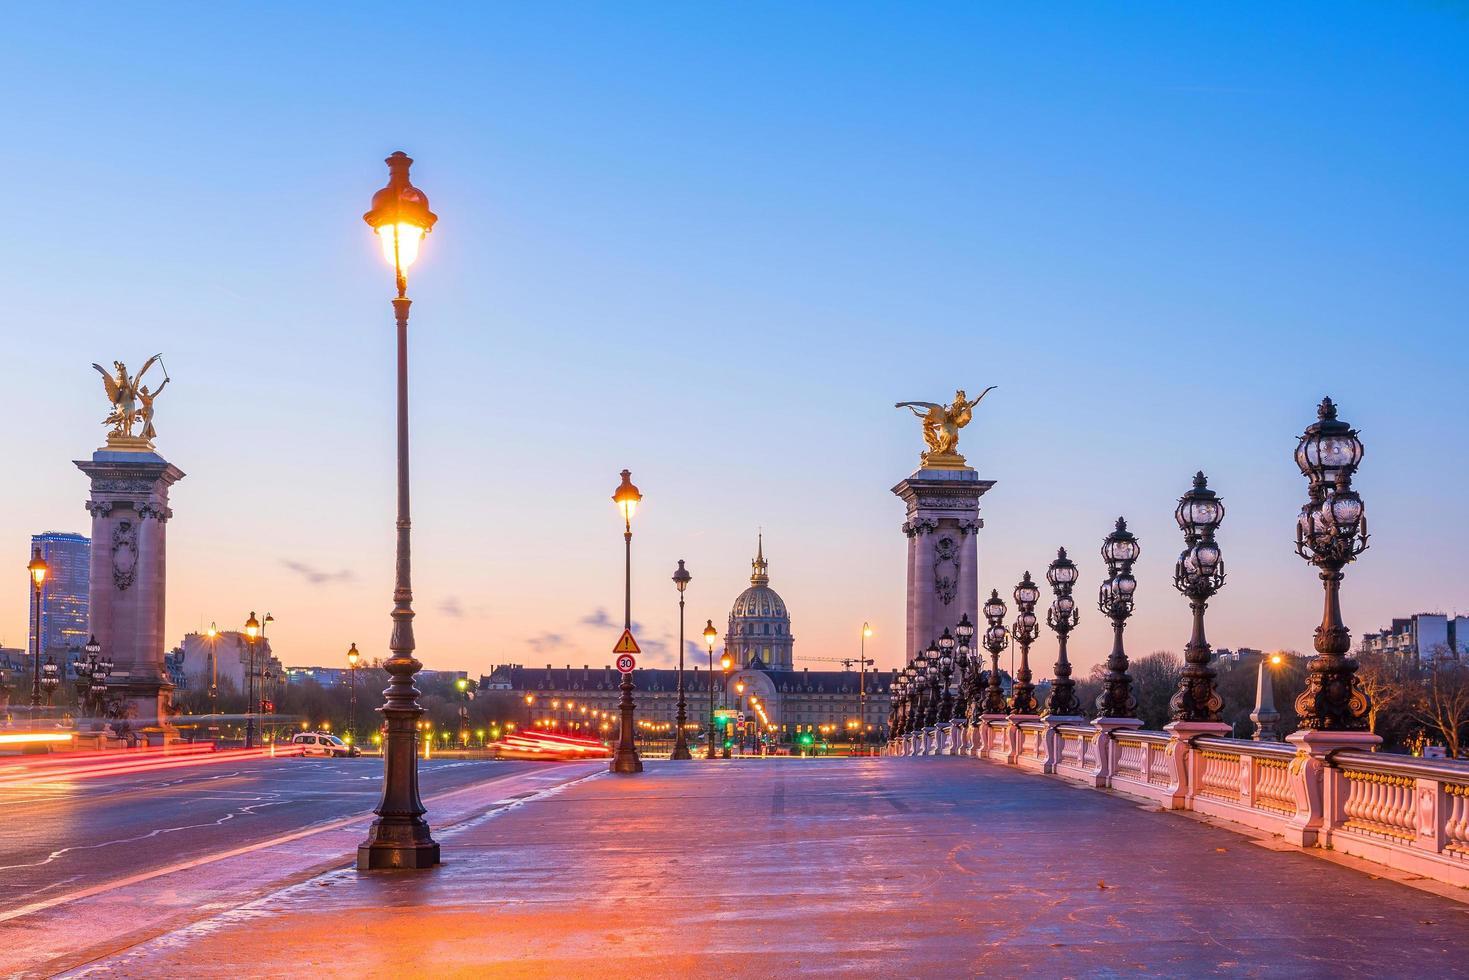 El puente de Alejandro III sobre el río Sena en París foto